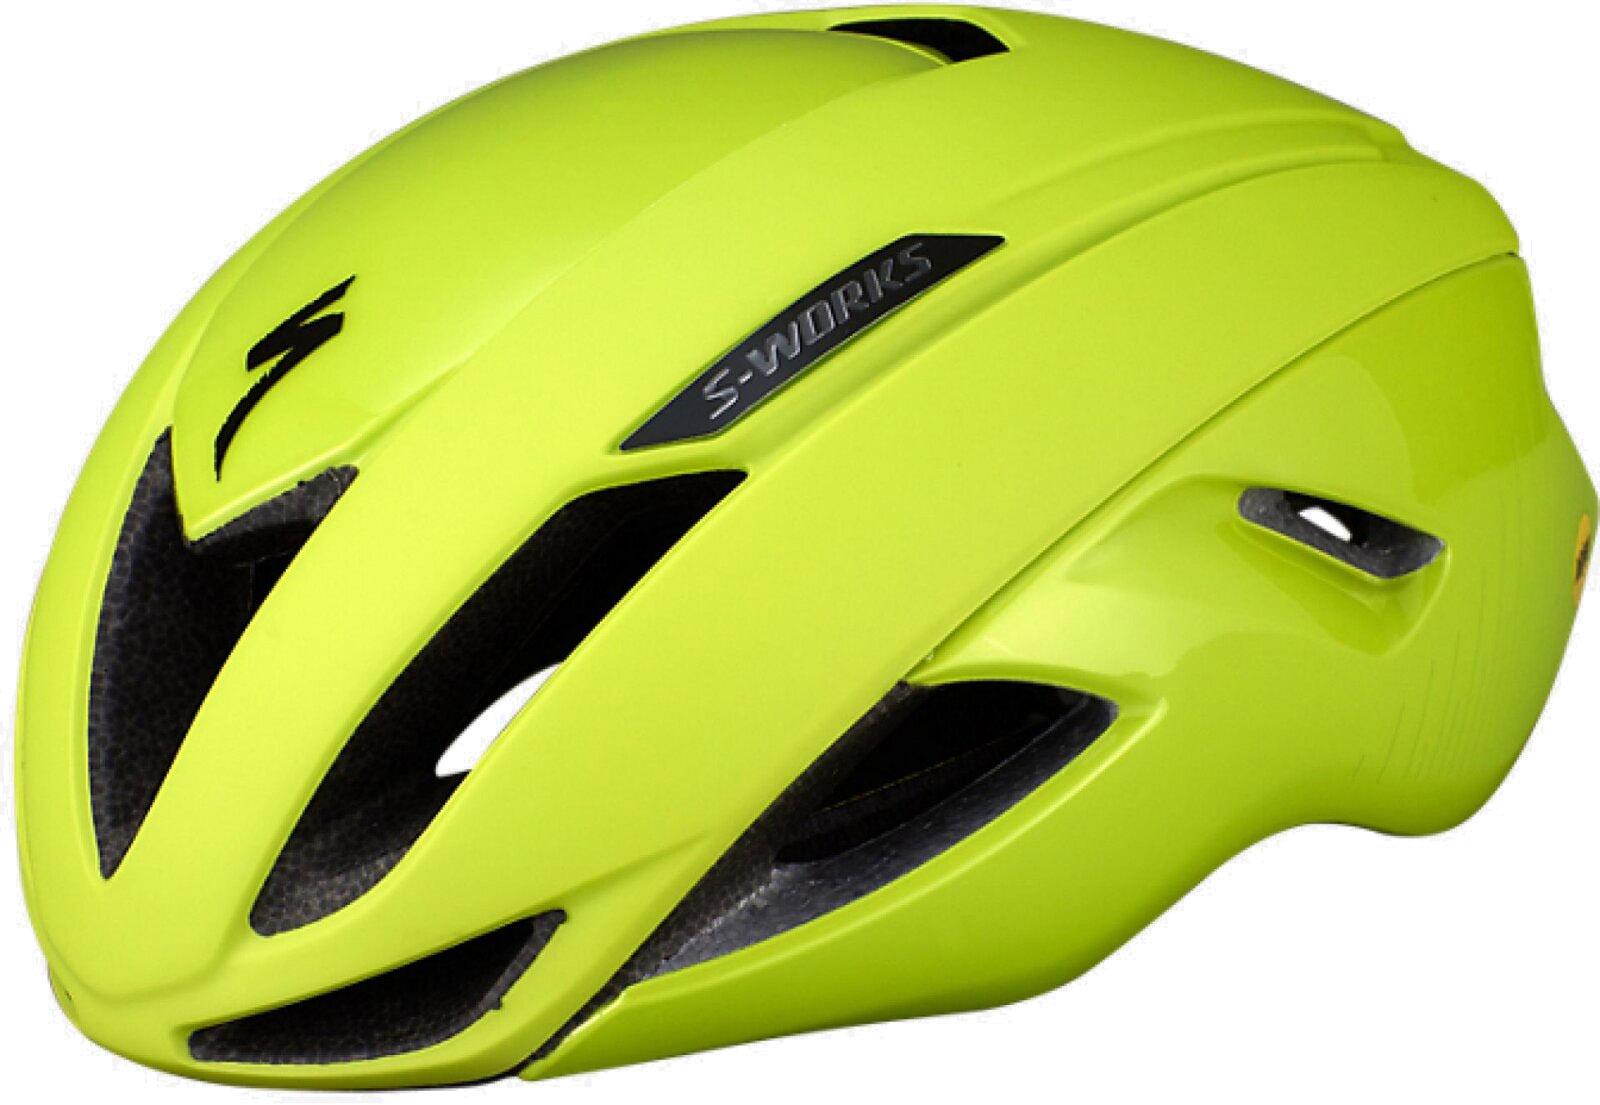 Køb Specialized S-Works Evade II Mips ANGi READY cykelhjelm – Gul